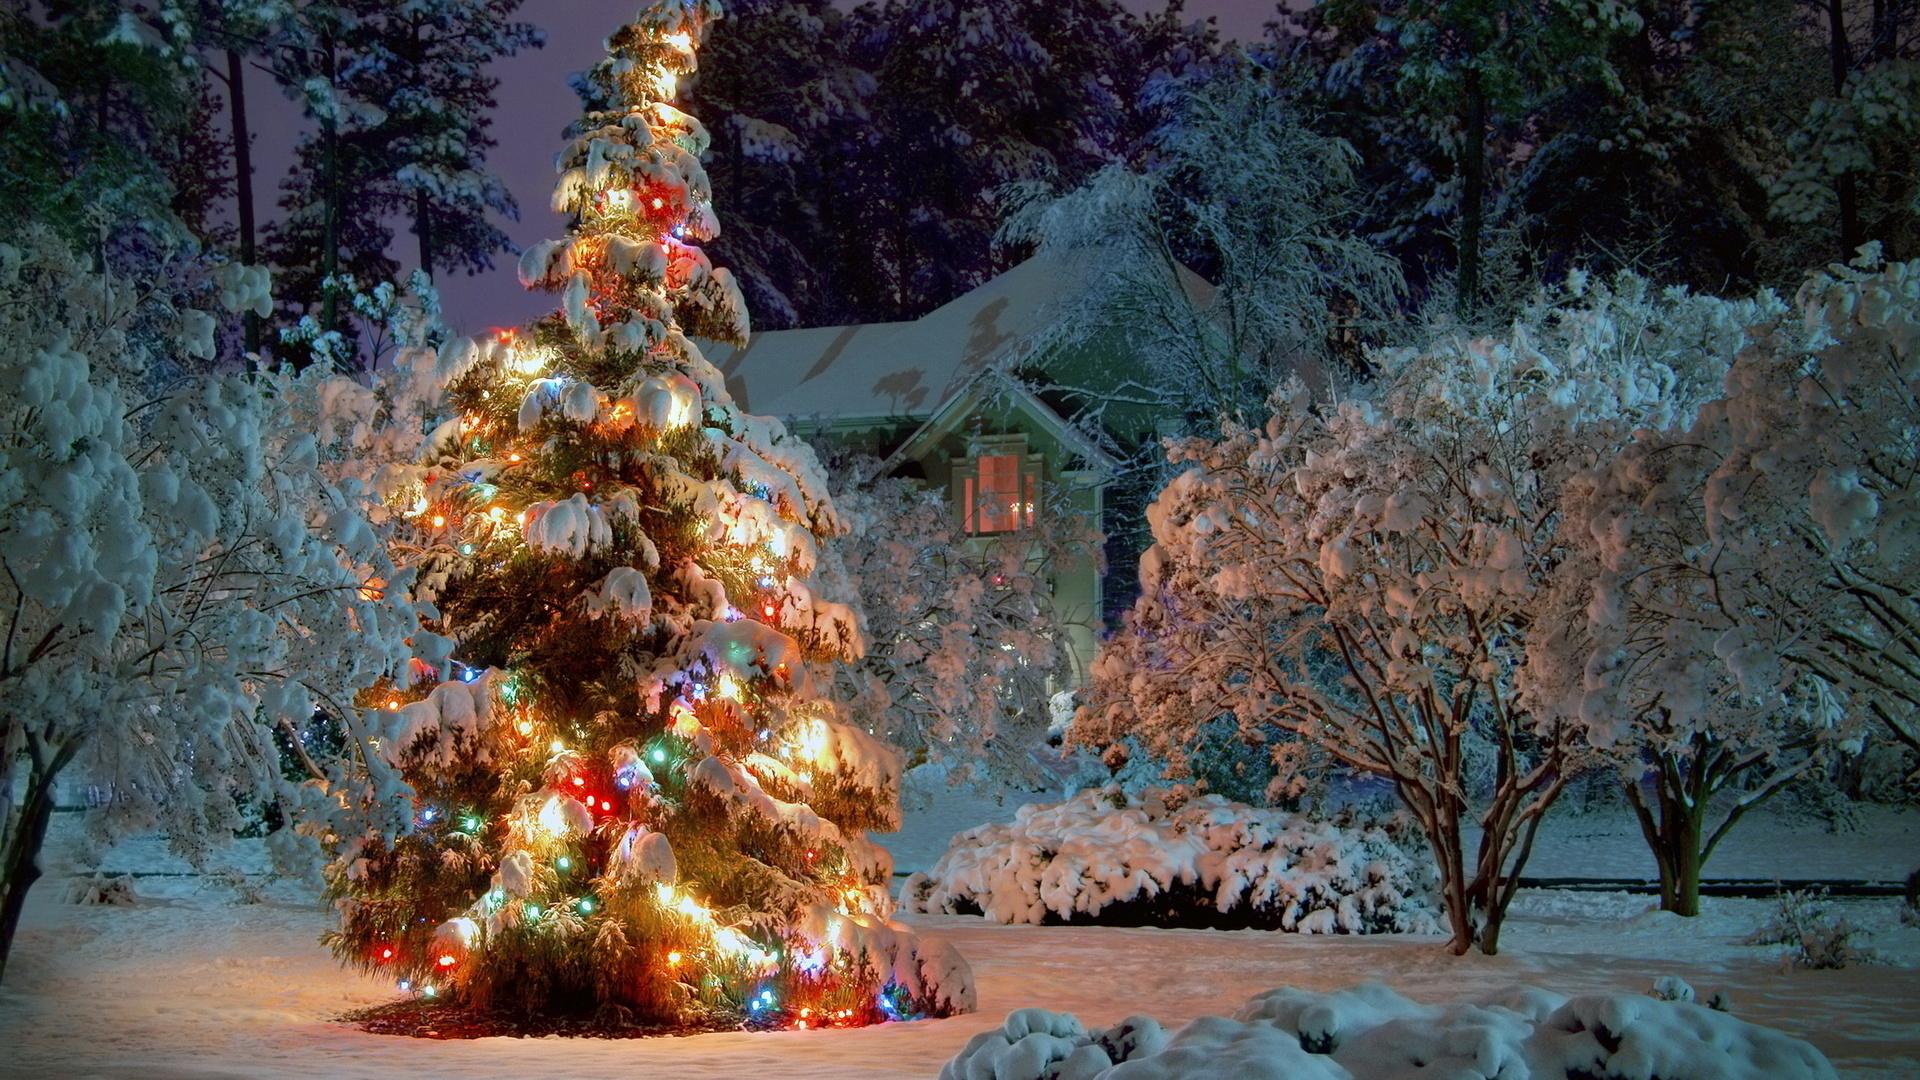 самые фото новогодних елок высокого качества одна